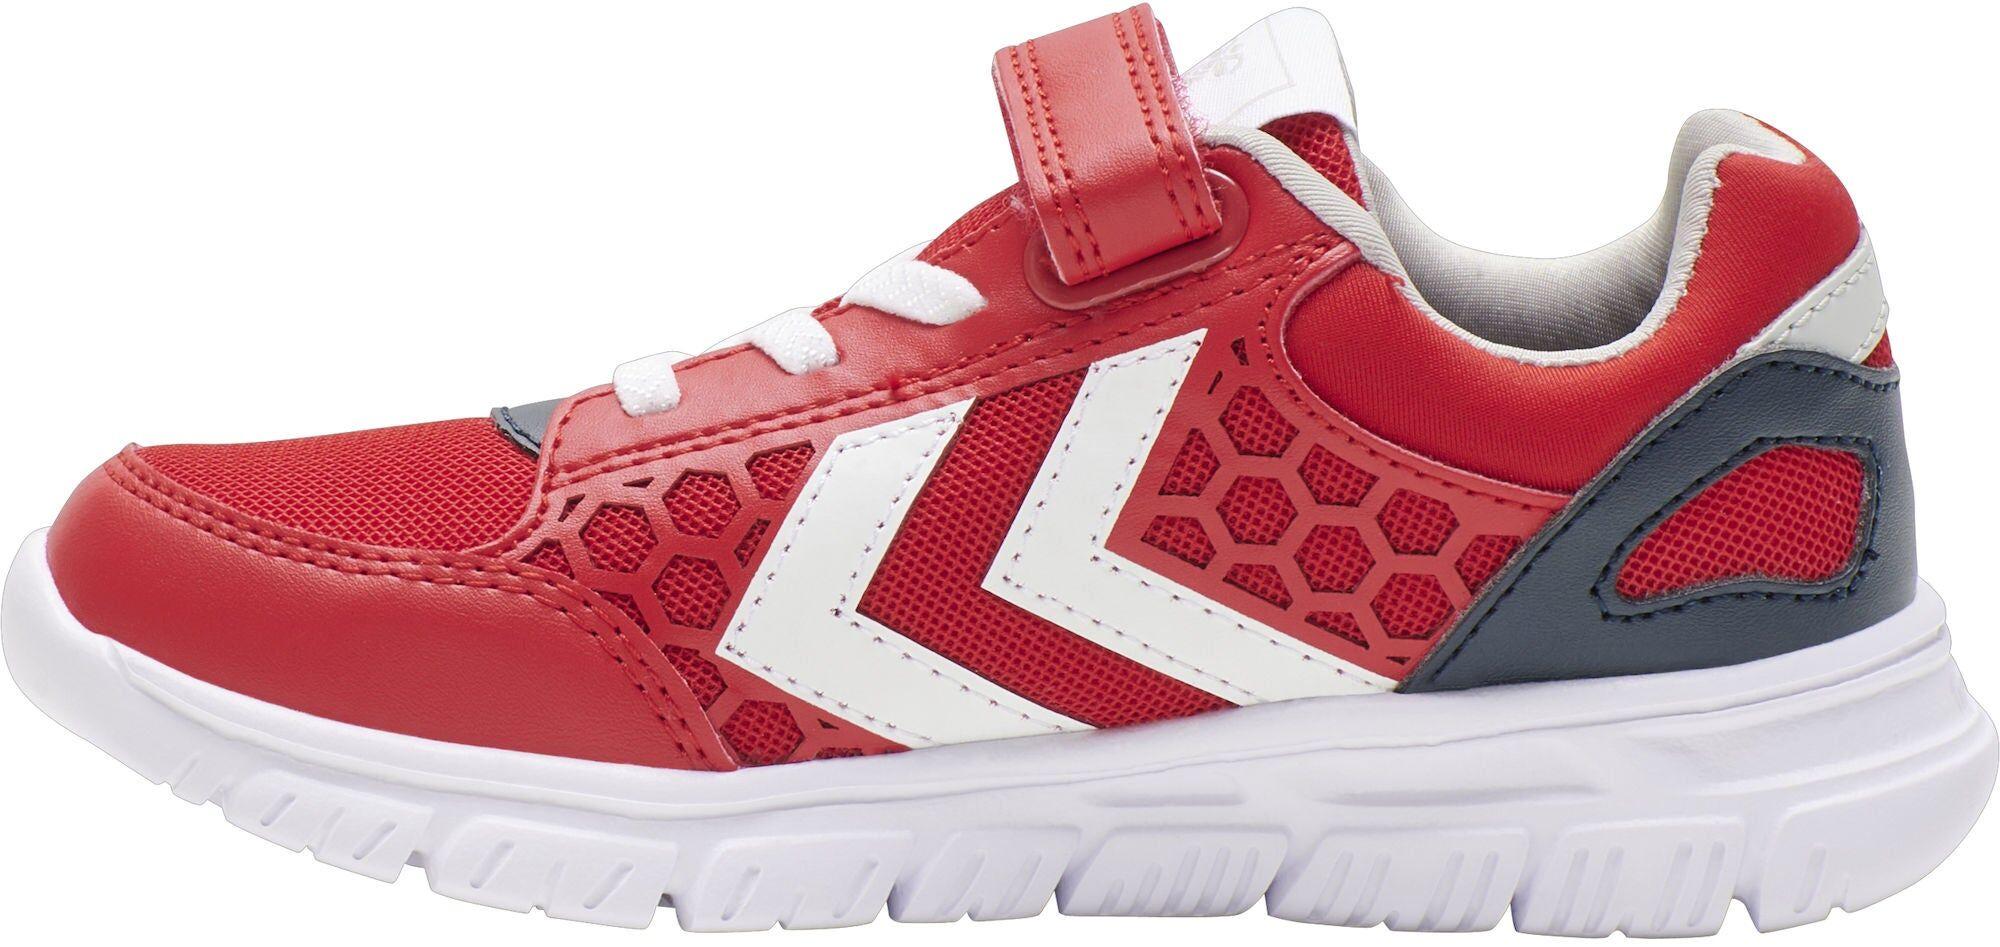 Hummel Crosslite Jr Sneaker, High Risk Red, 28